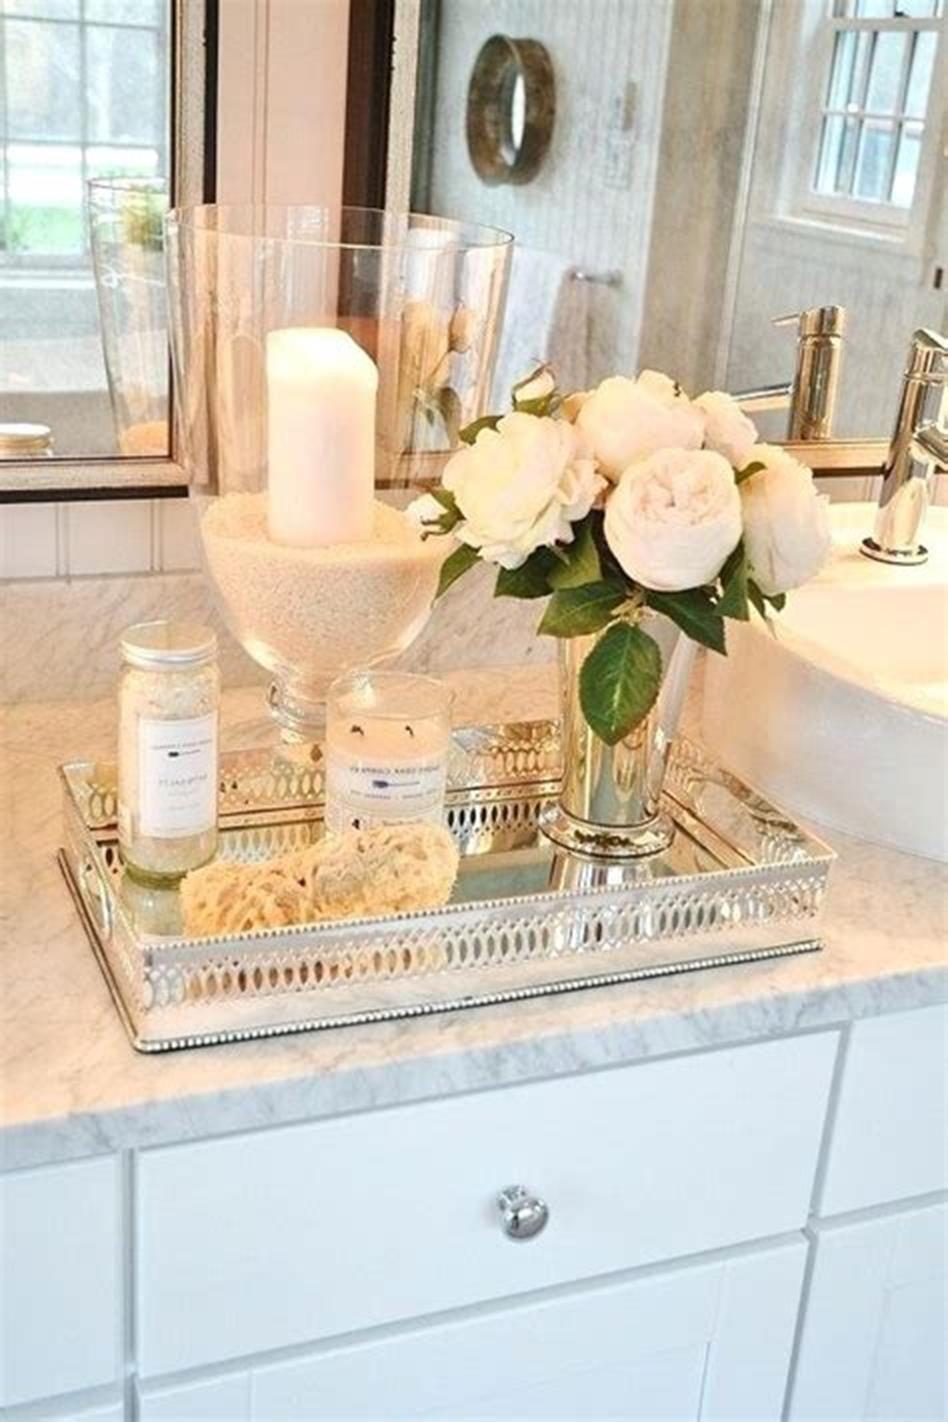 40 Beautiful Bathroom Vanity Tray Decor Ideas 19 Bathroom Counter Decor Restroom Decor Bathroom Vanity Tray